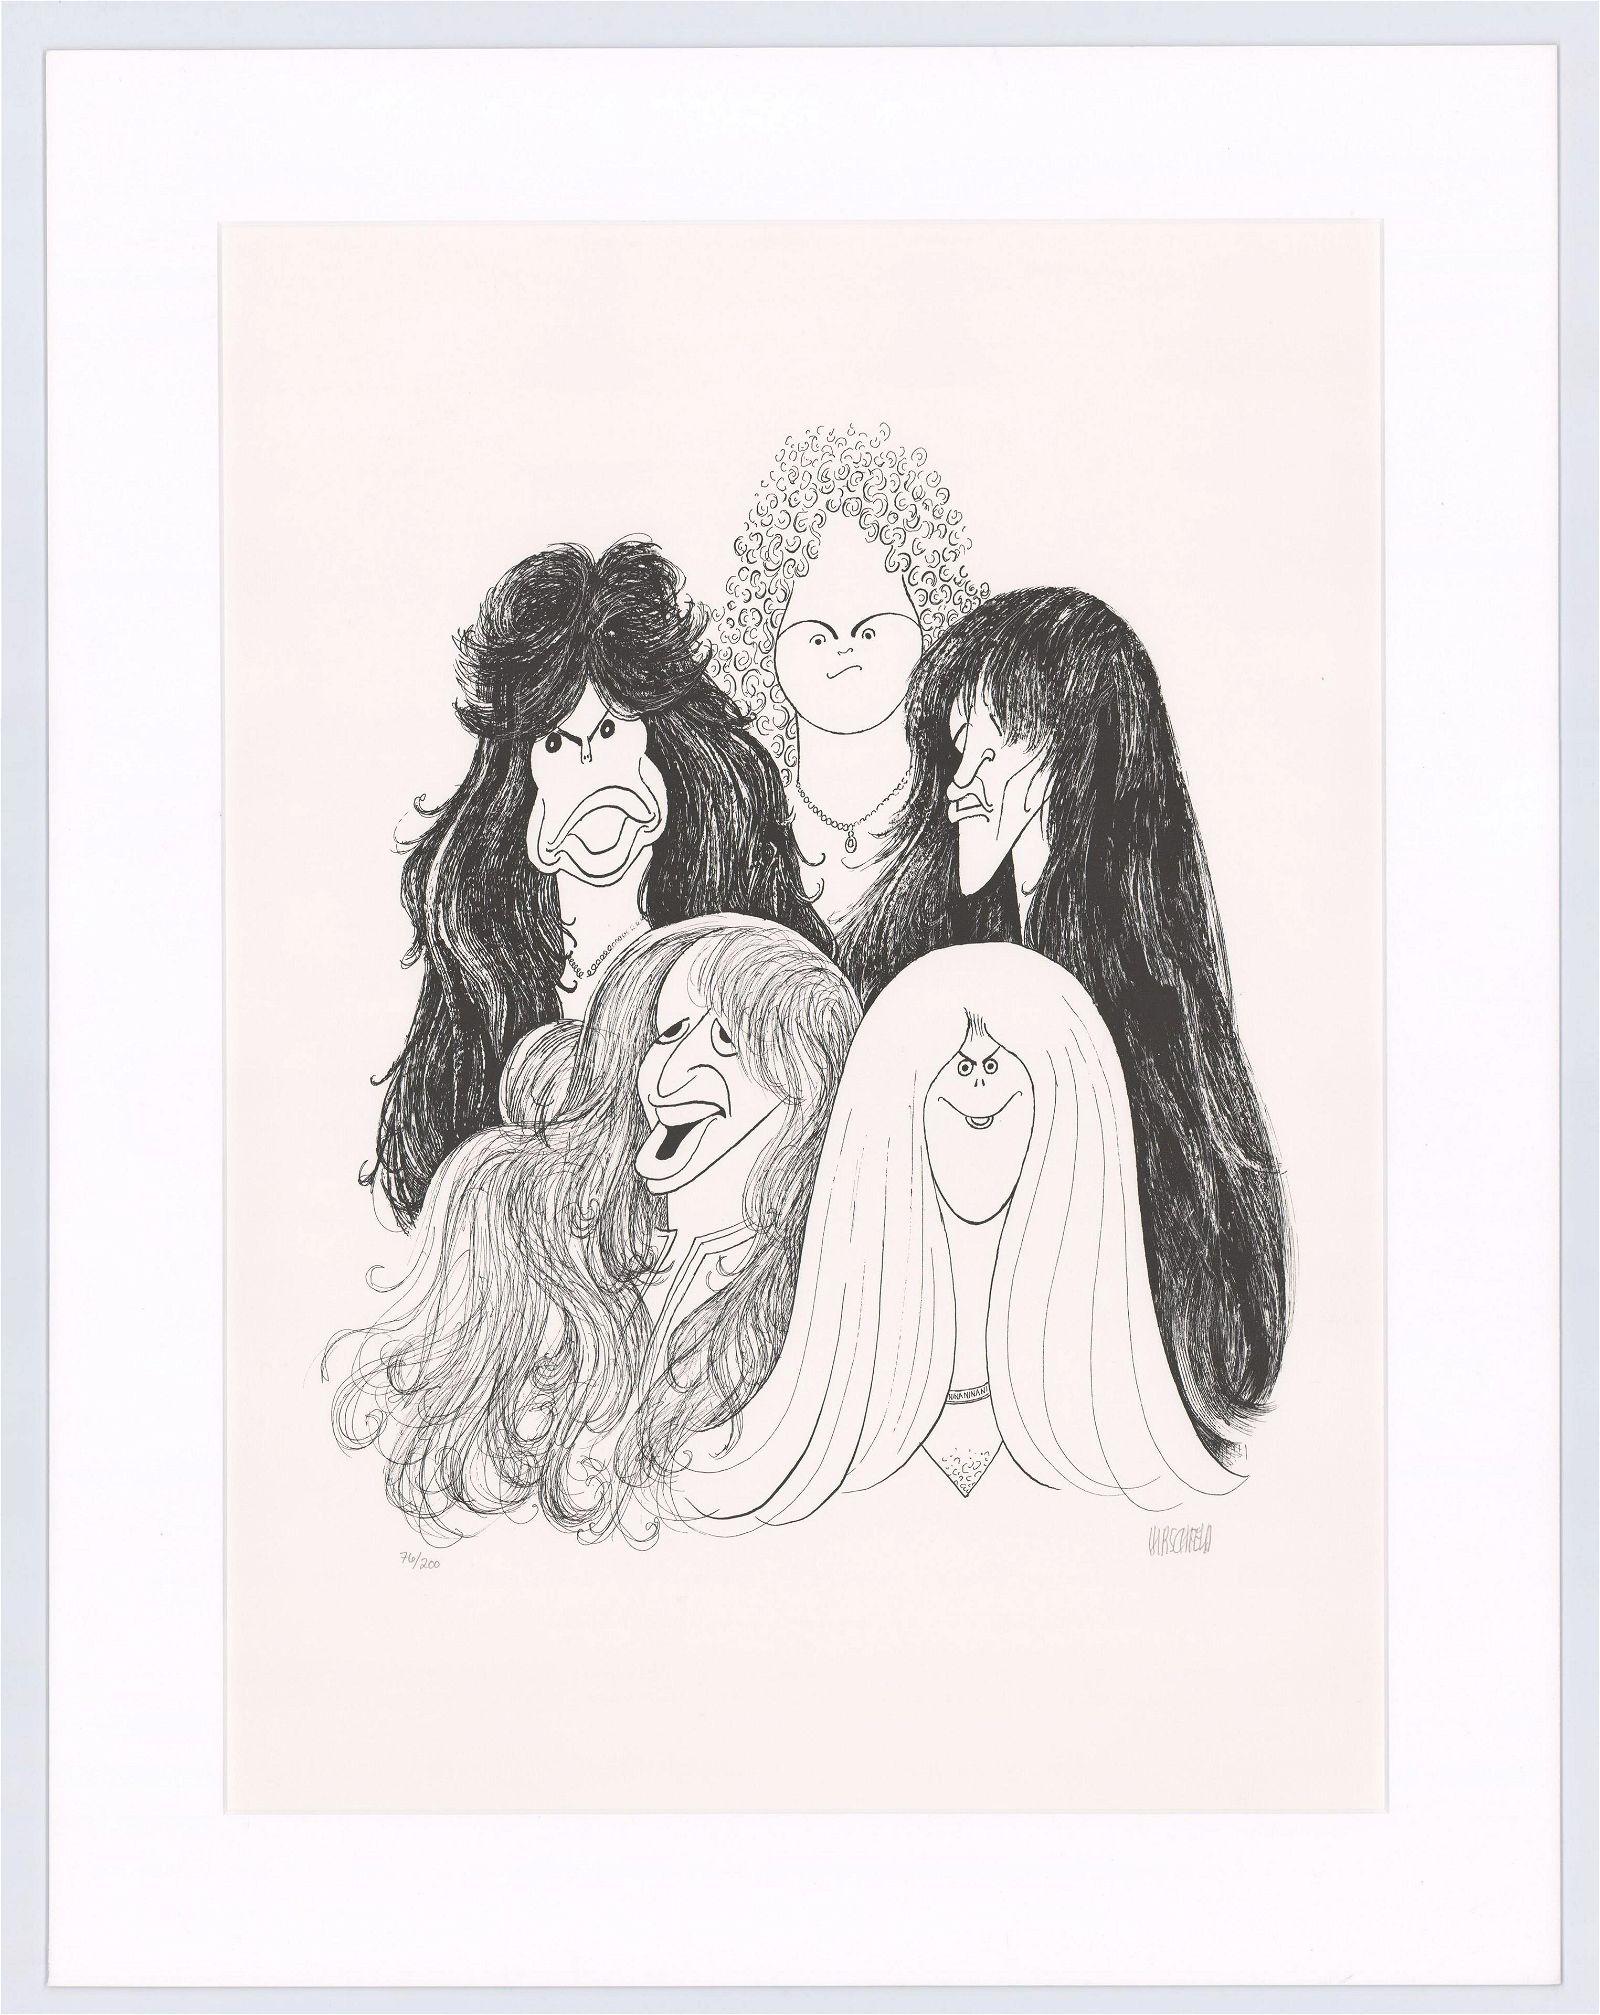 Aerosmith by Al Hirschfeld Signed Limited Print